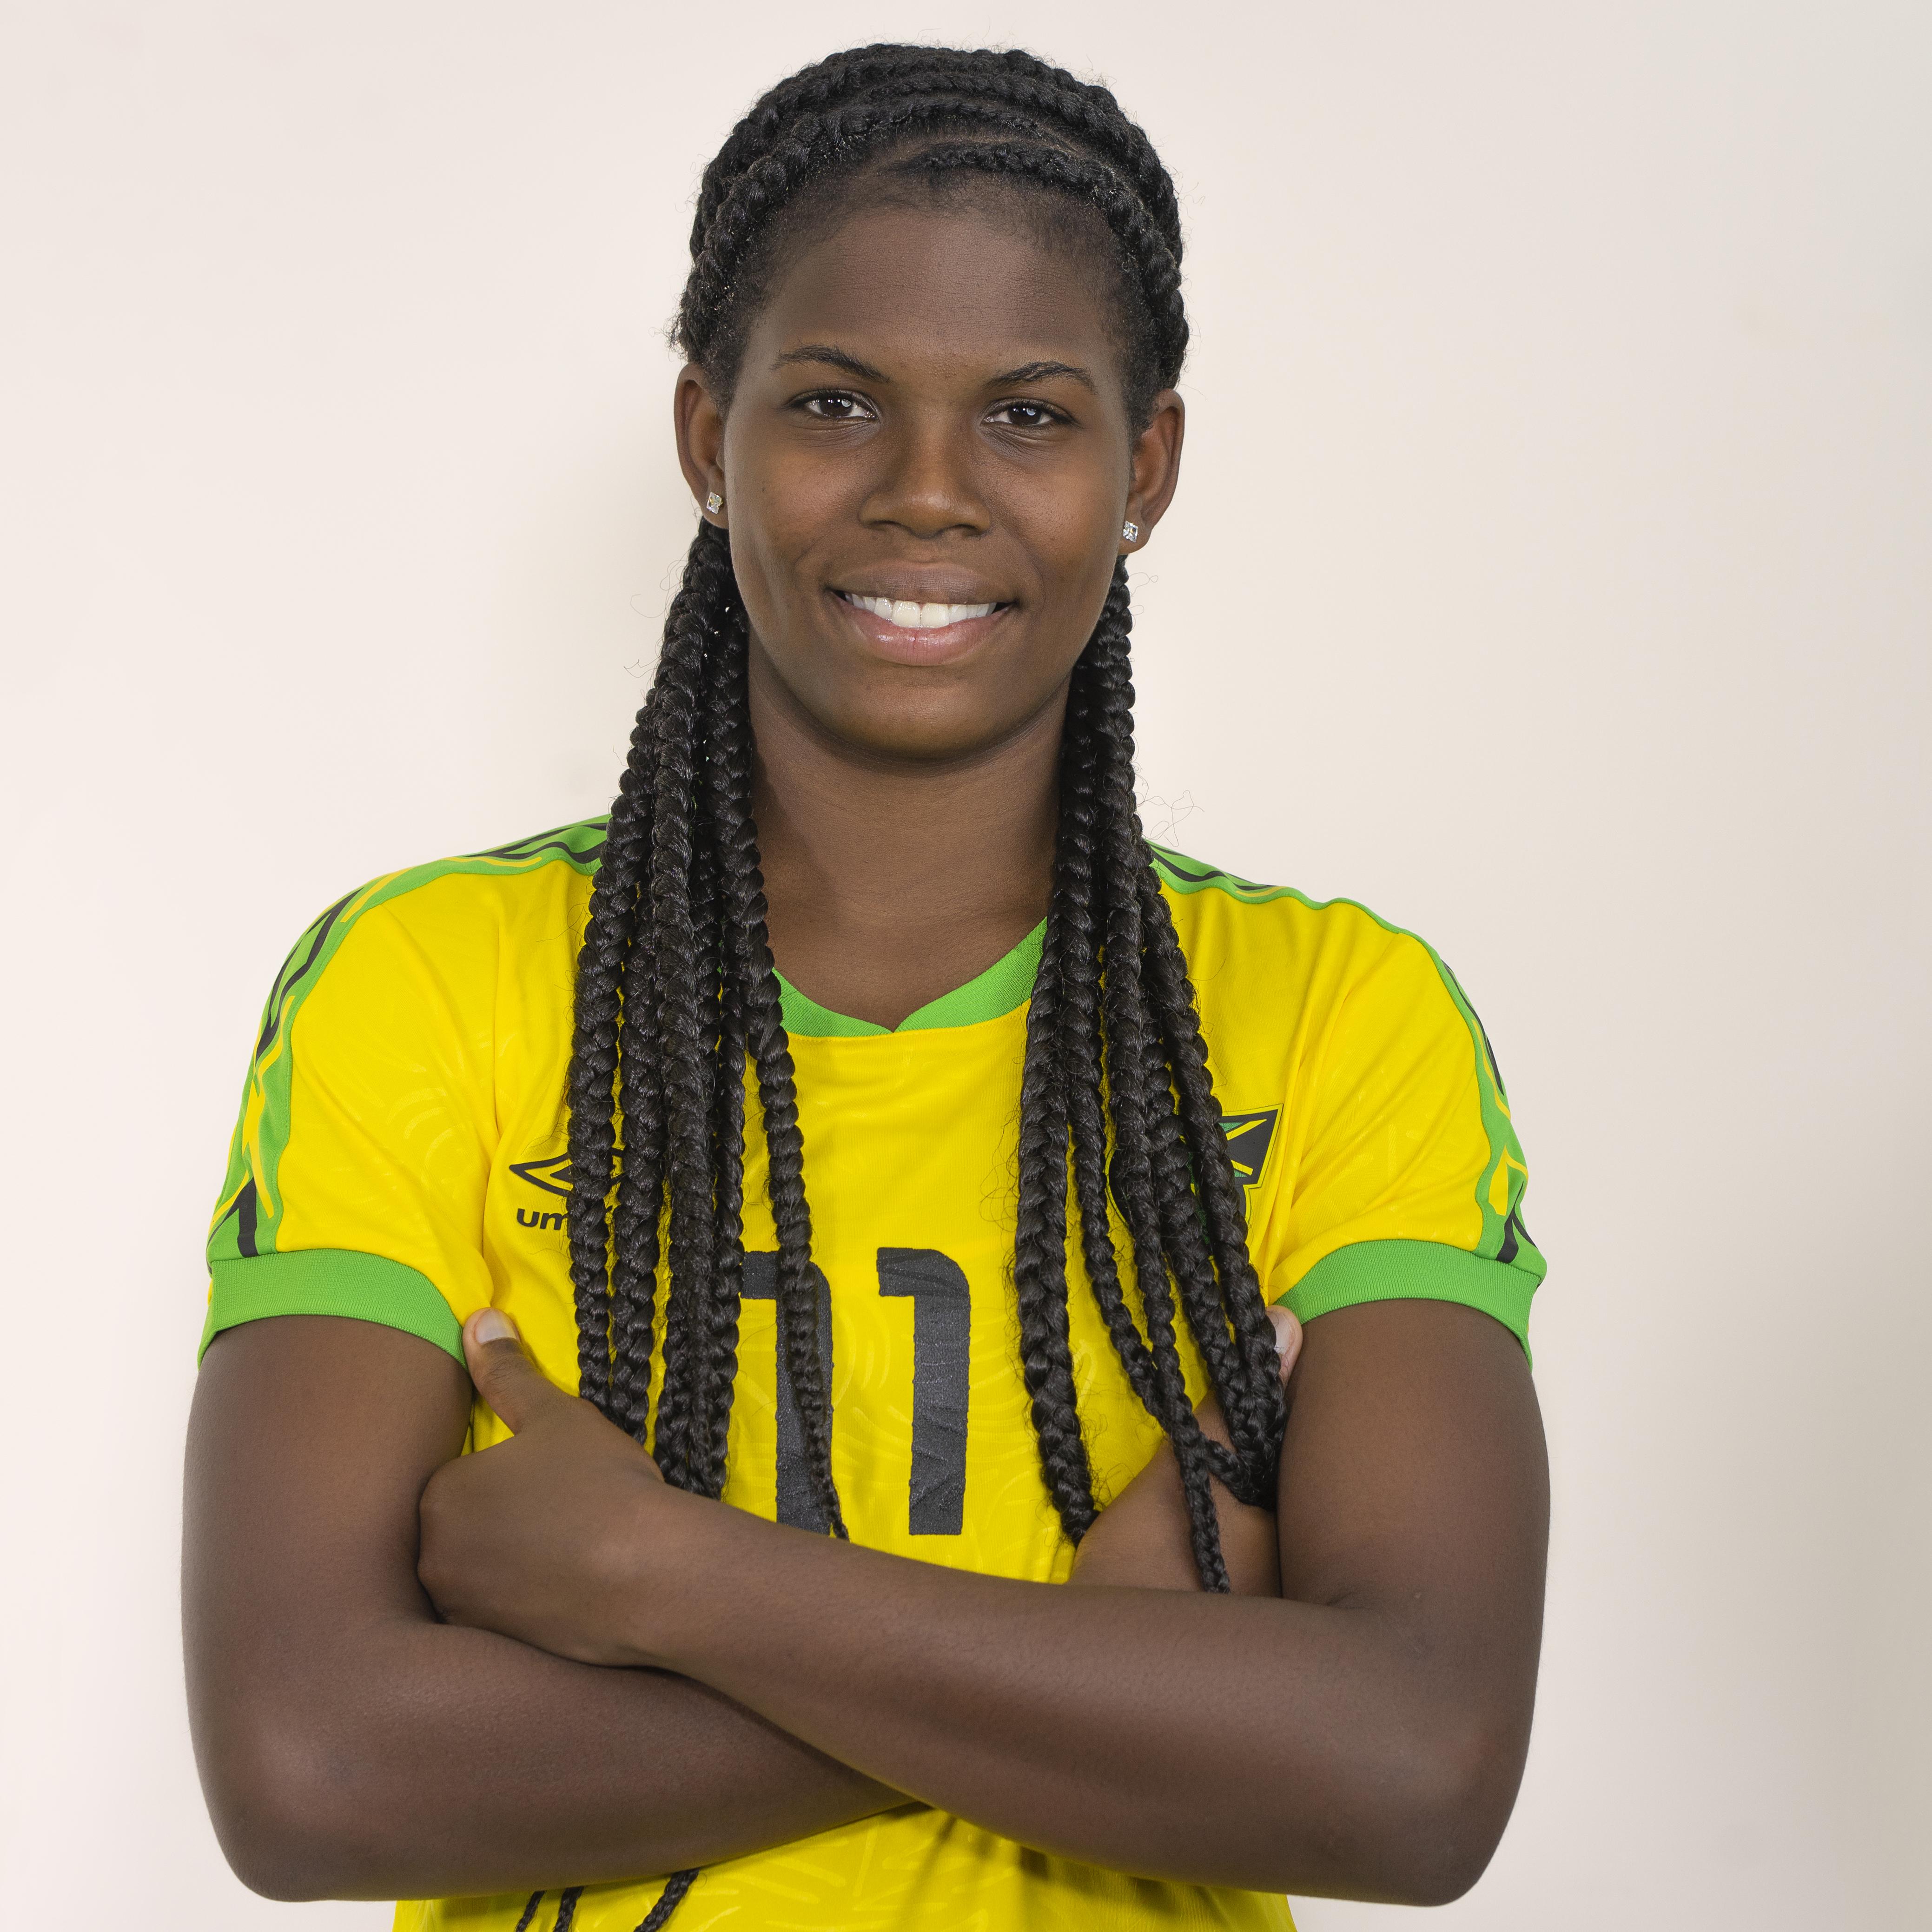 meet jamaicans